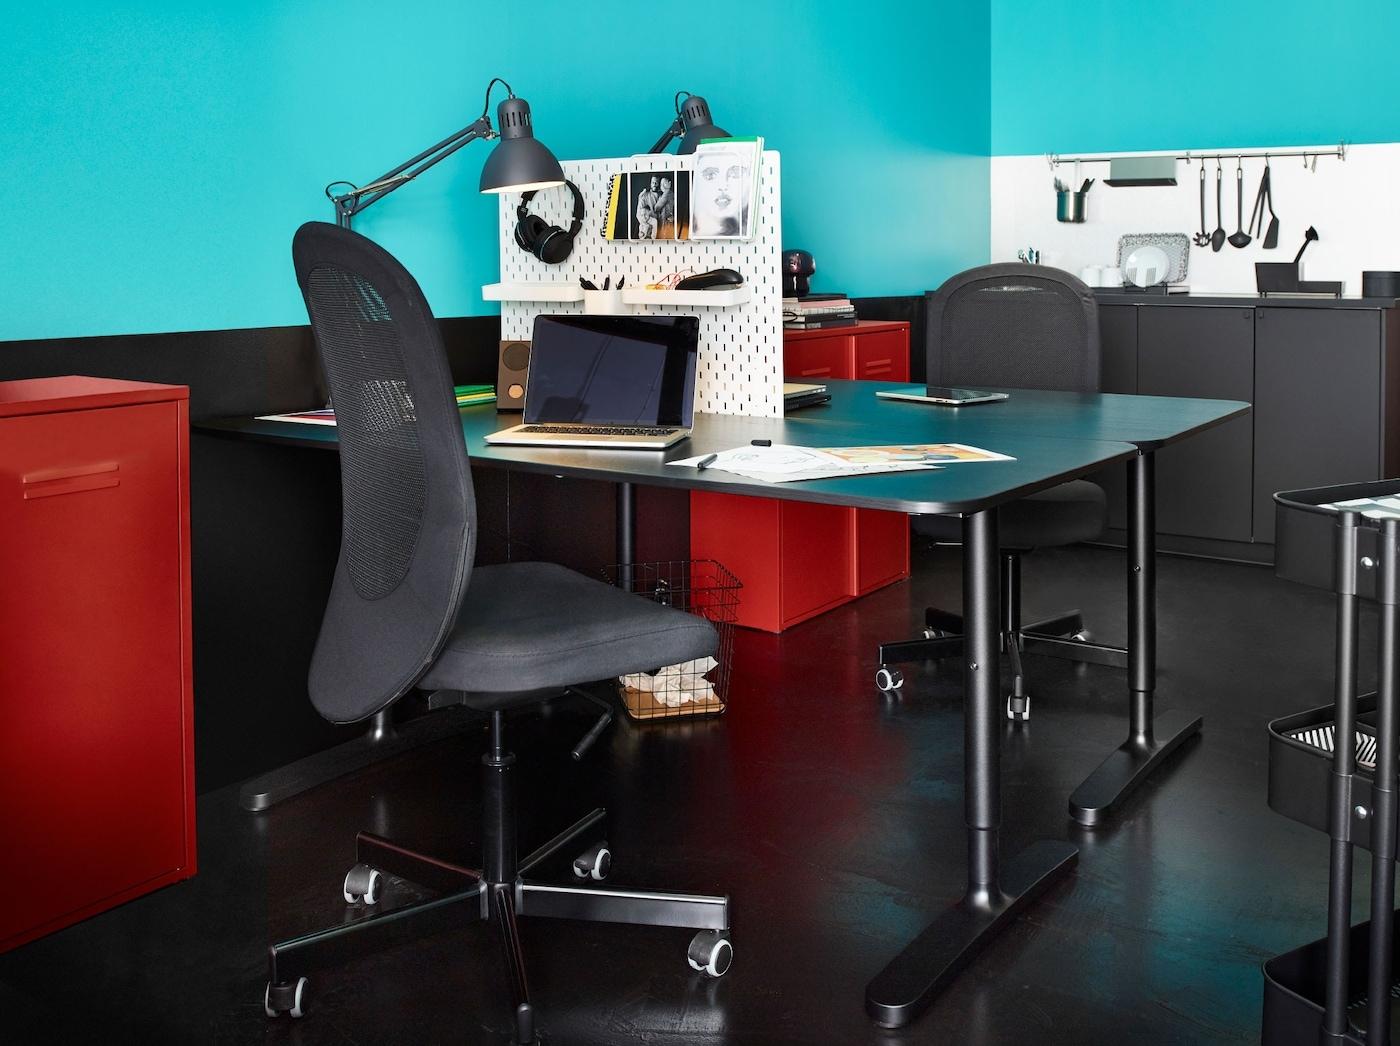 Duas mesas frente a frente, divididas por um placar SKÅDIS, cada uma com uma cadeira FLINTAN, um candeeiro de secretária TERTIAL e um armário IVAR em vermelho.